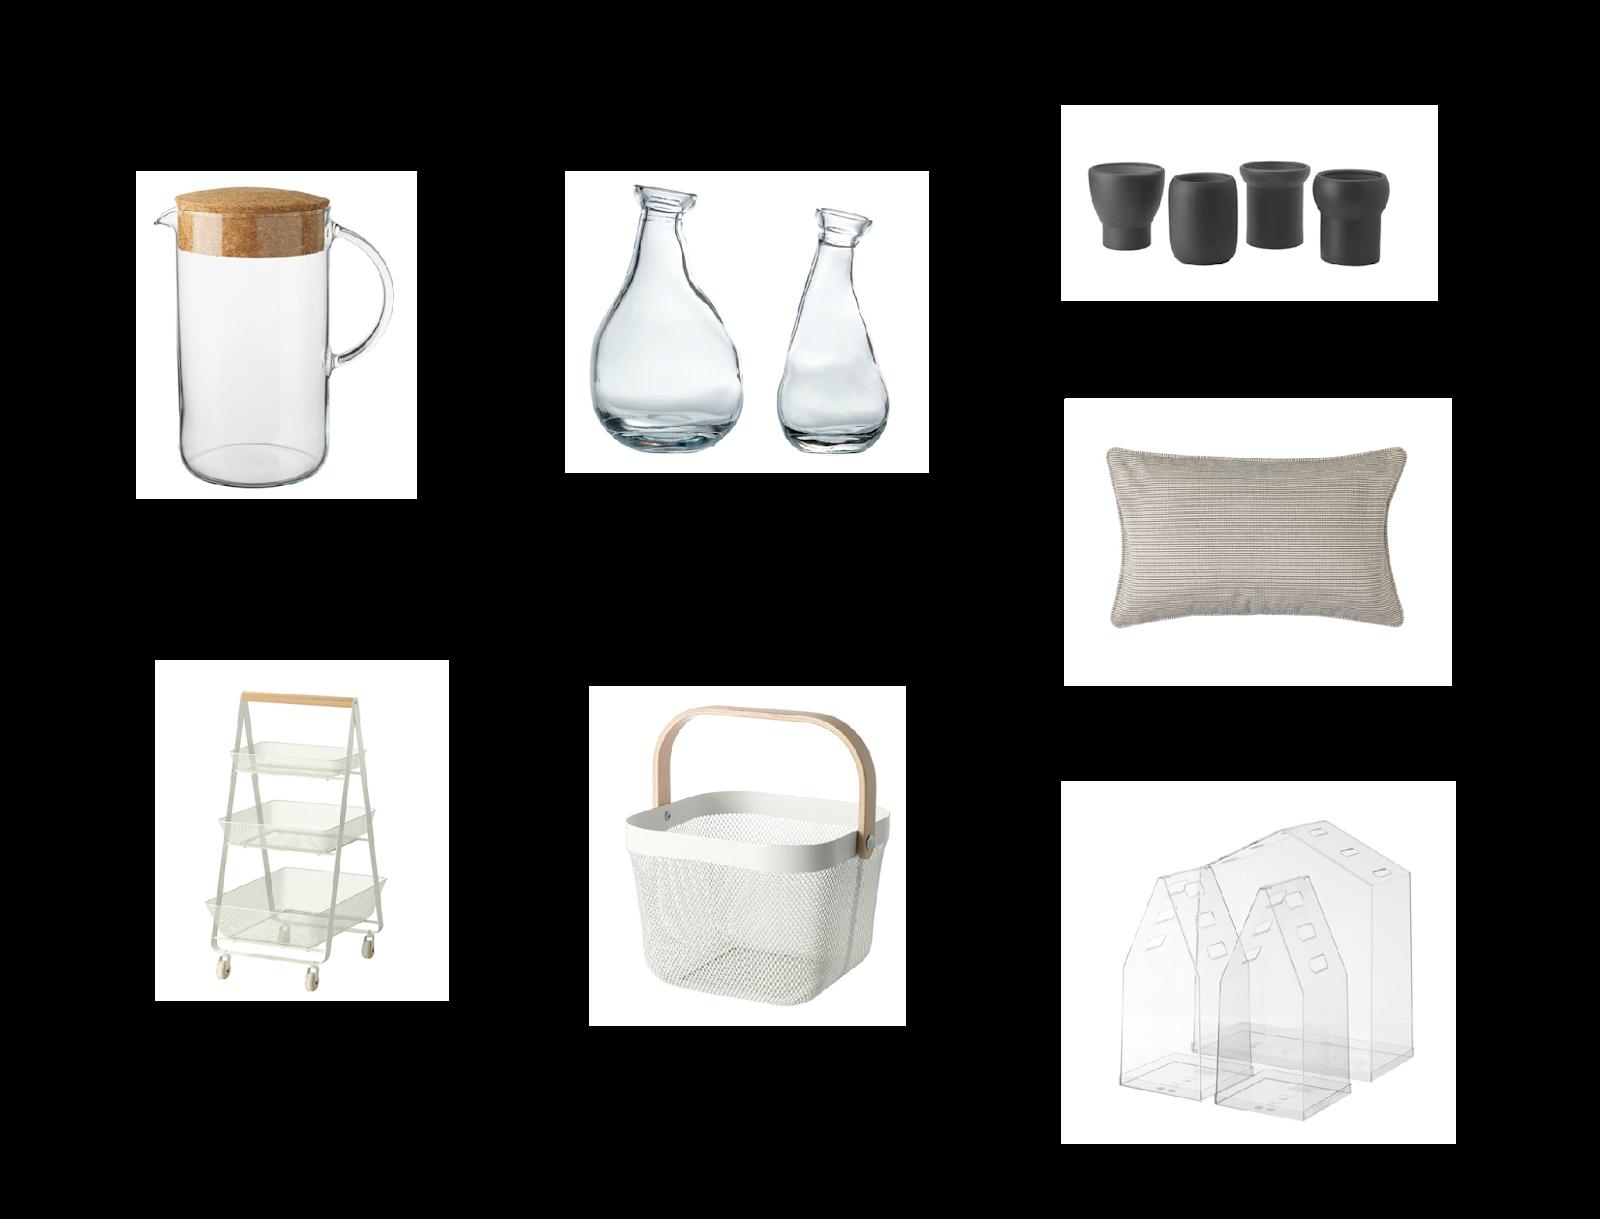 Ila points decor nuovo catalogo ikea 2016 - Ikea nuovo catalogo 2015 ...